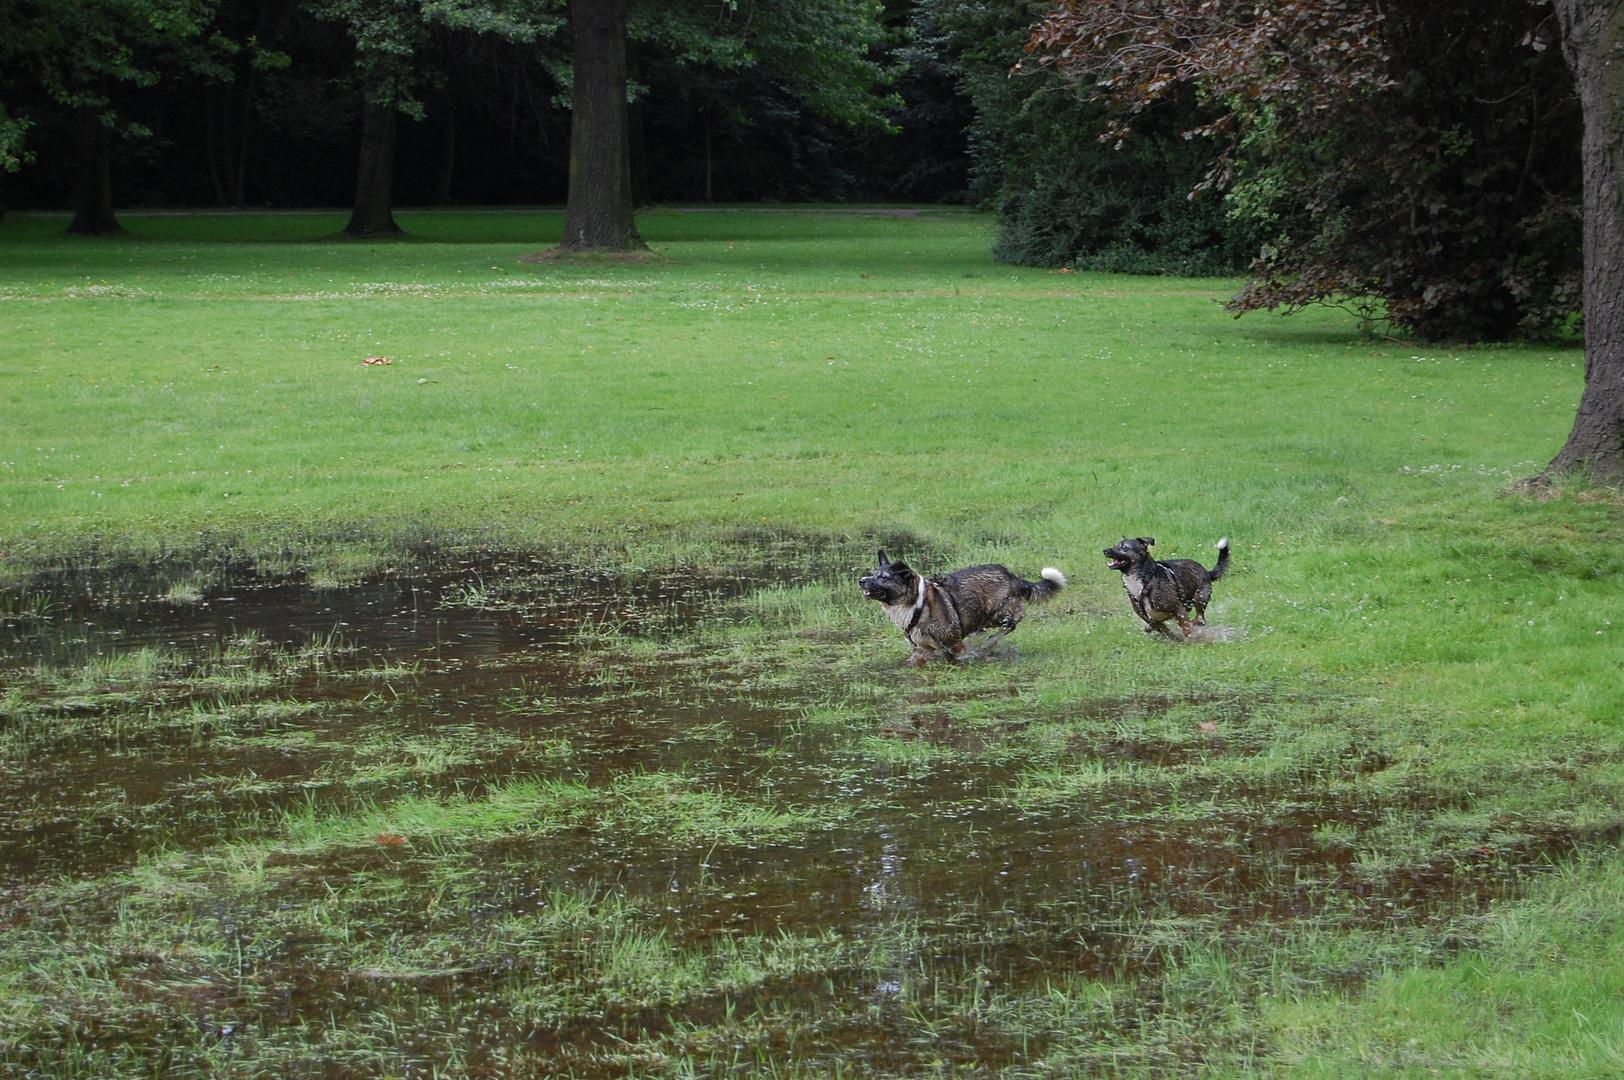 Unsere beiden Hunde beim Toben3